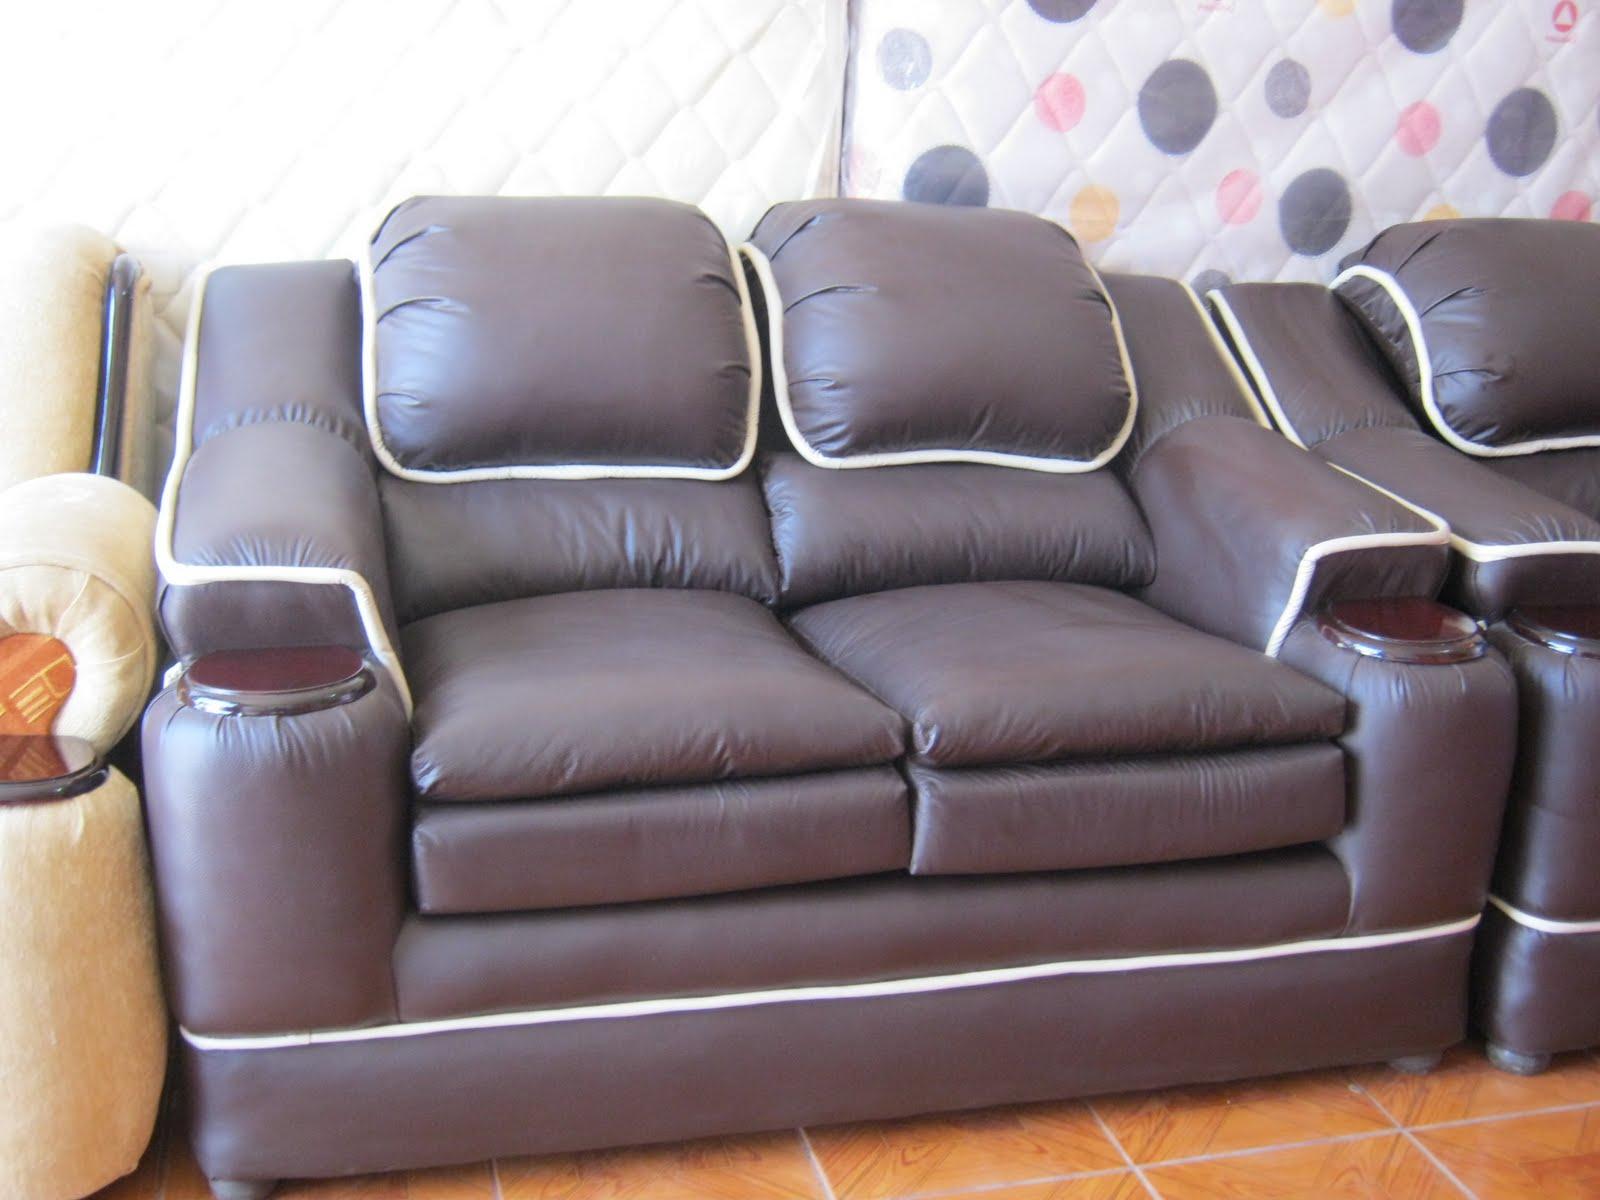 Muebles juegos sala comedor hogar y muebles share the - Deco hogar ourense ...